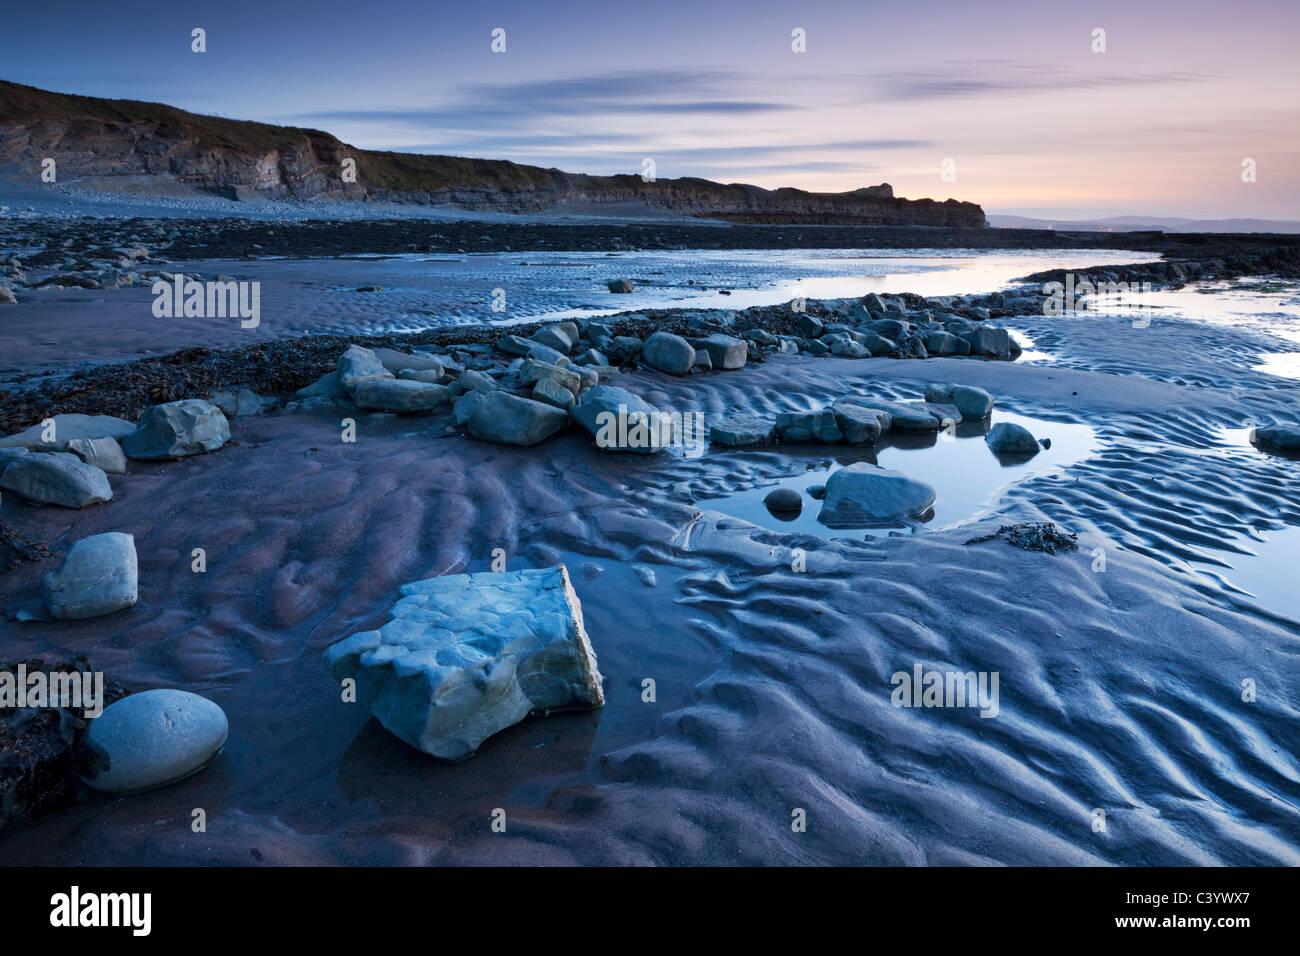 En el crepúsculo en la playa Kilve Quantocks, Somerset, Inglaterra. La primavera (abril) de 2011. Imagen De Stock